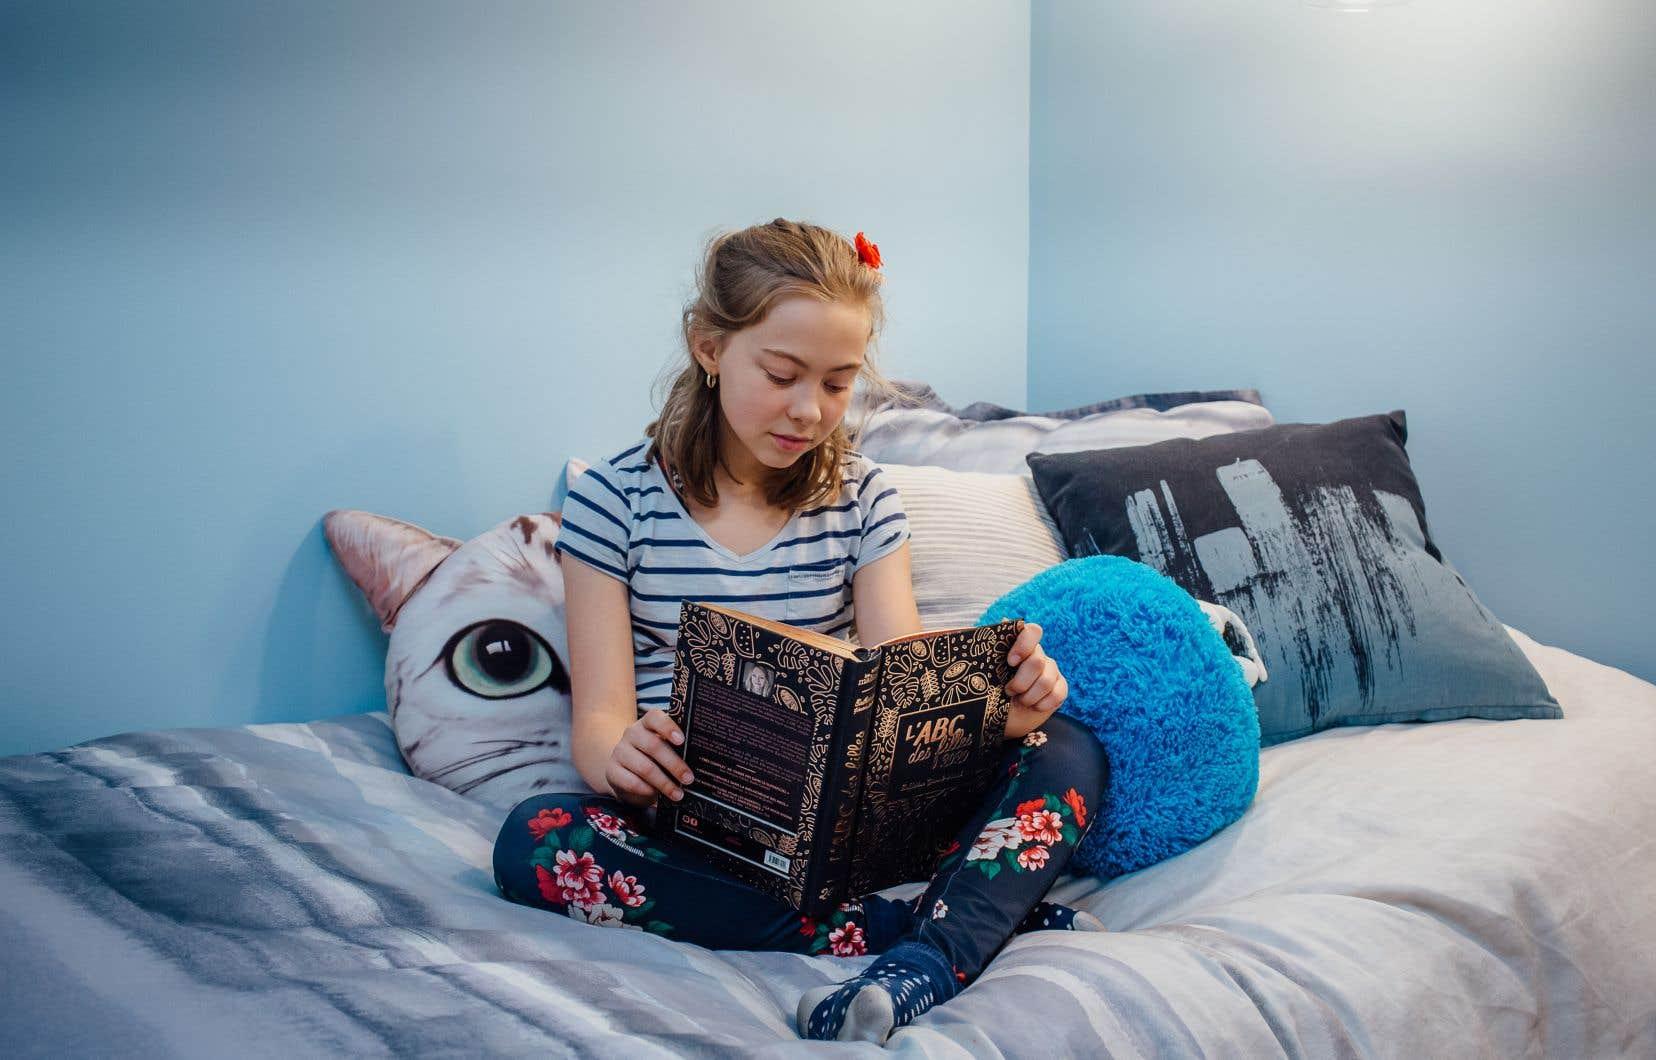 Le monde a changé. Catherine Girard-Audet en a conscience. Signant depuis 12ans«L'ABC des filles, guide pratique pour les adolescentes», elle a ajouté dans les éditions 2019 et 2020 un lexique sur l'identité sexuelle.